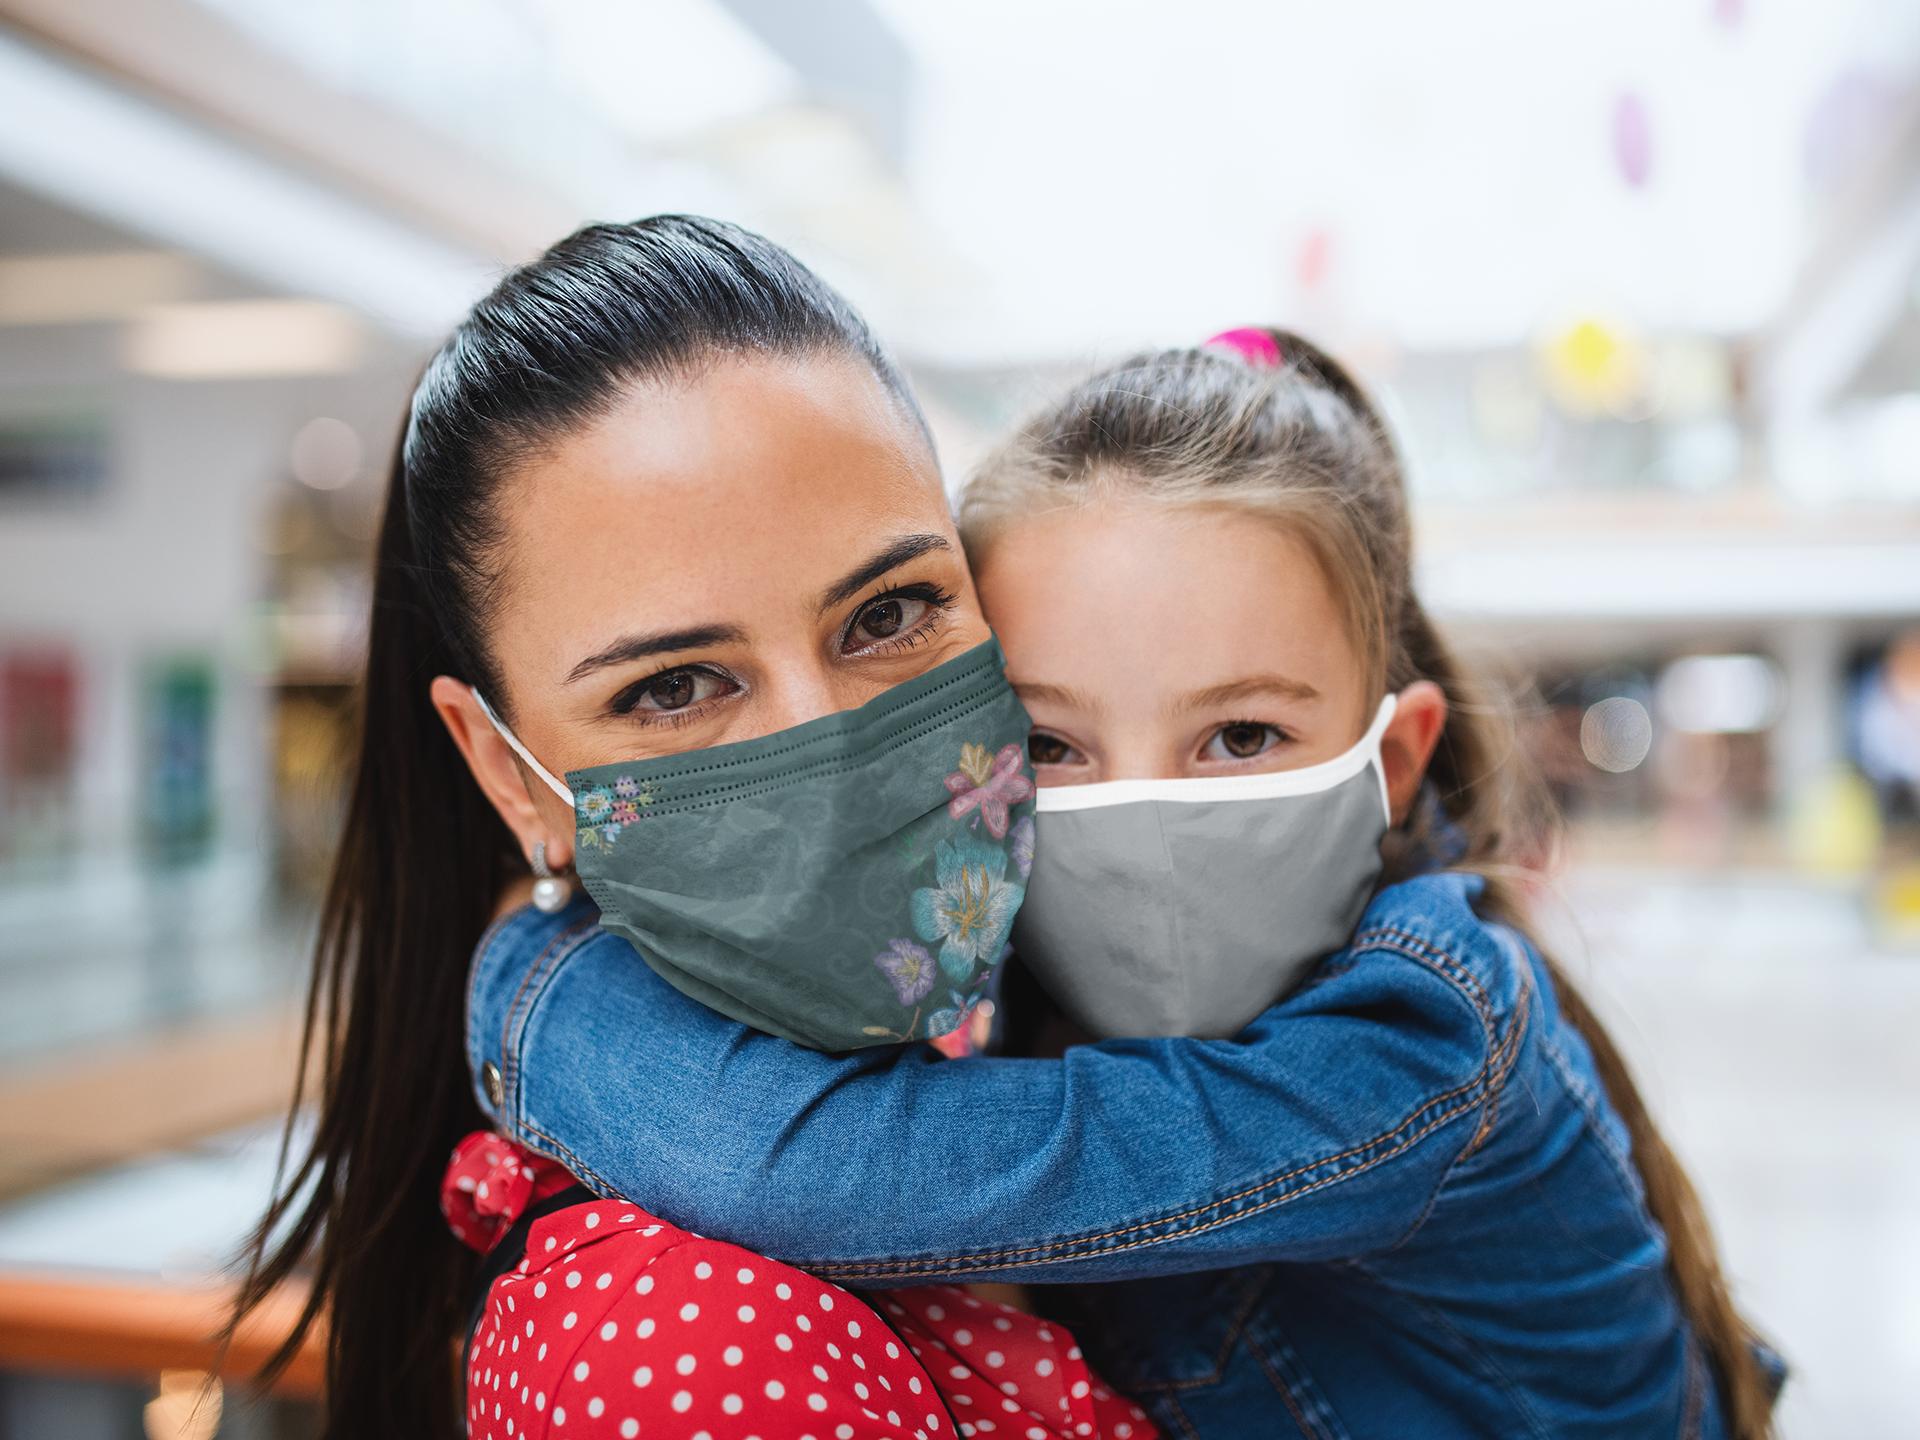 face-mask-mockup-of-a-little-girl-hugging-her-mom-44608-r-el2.png